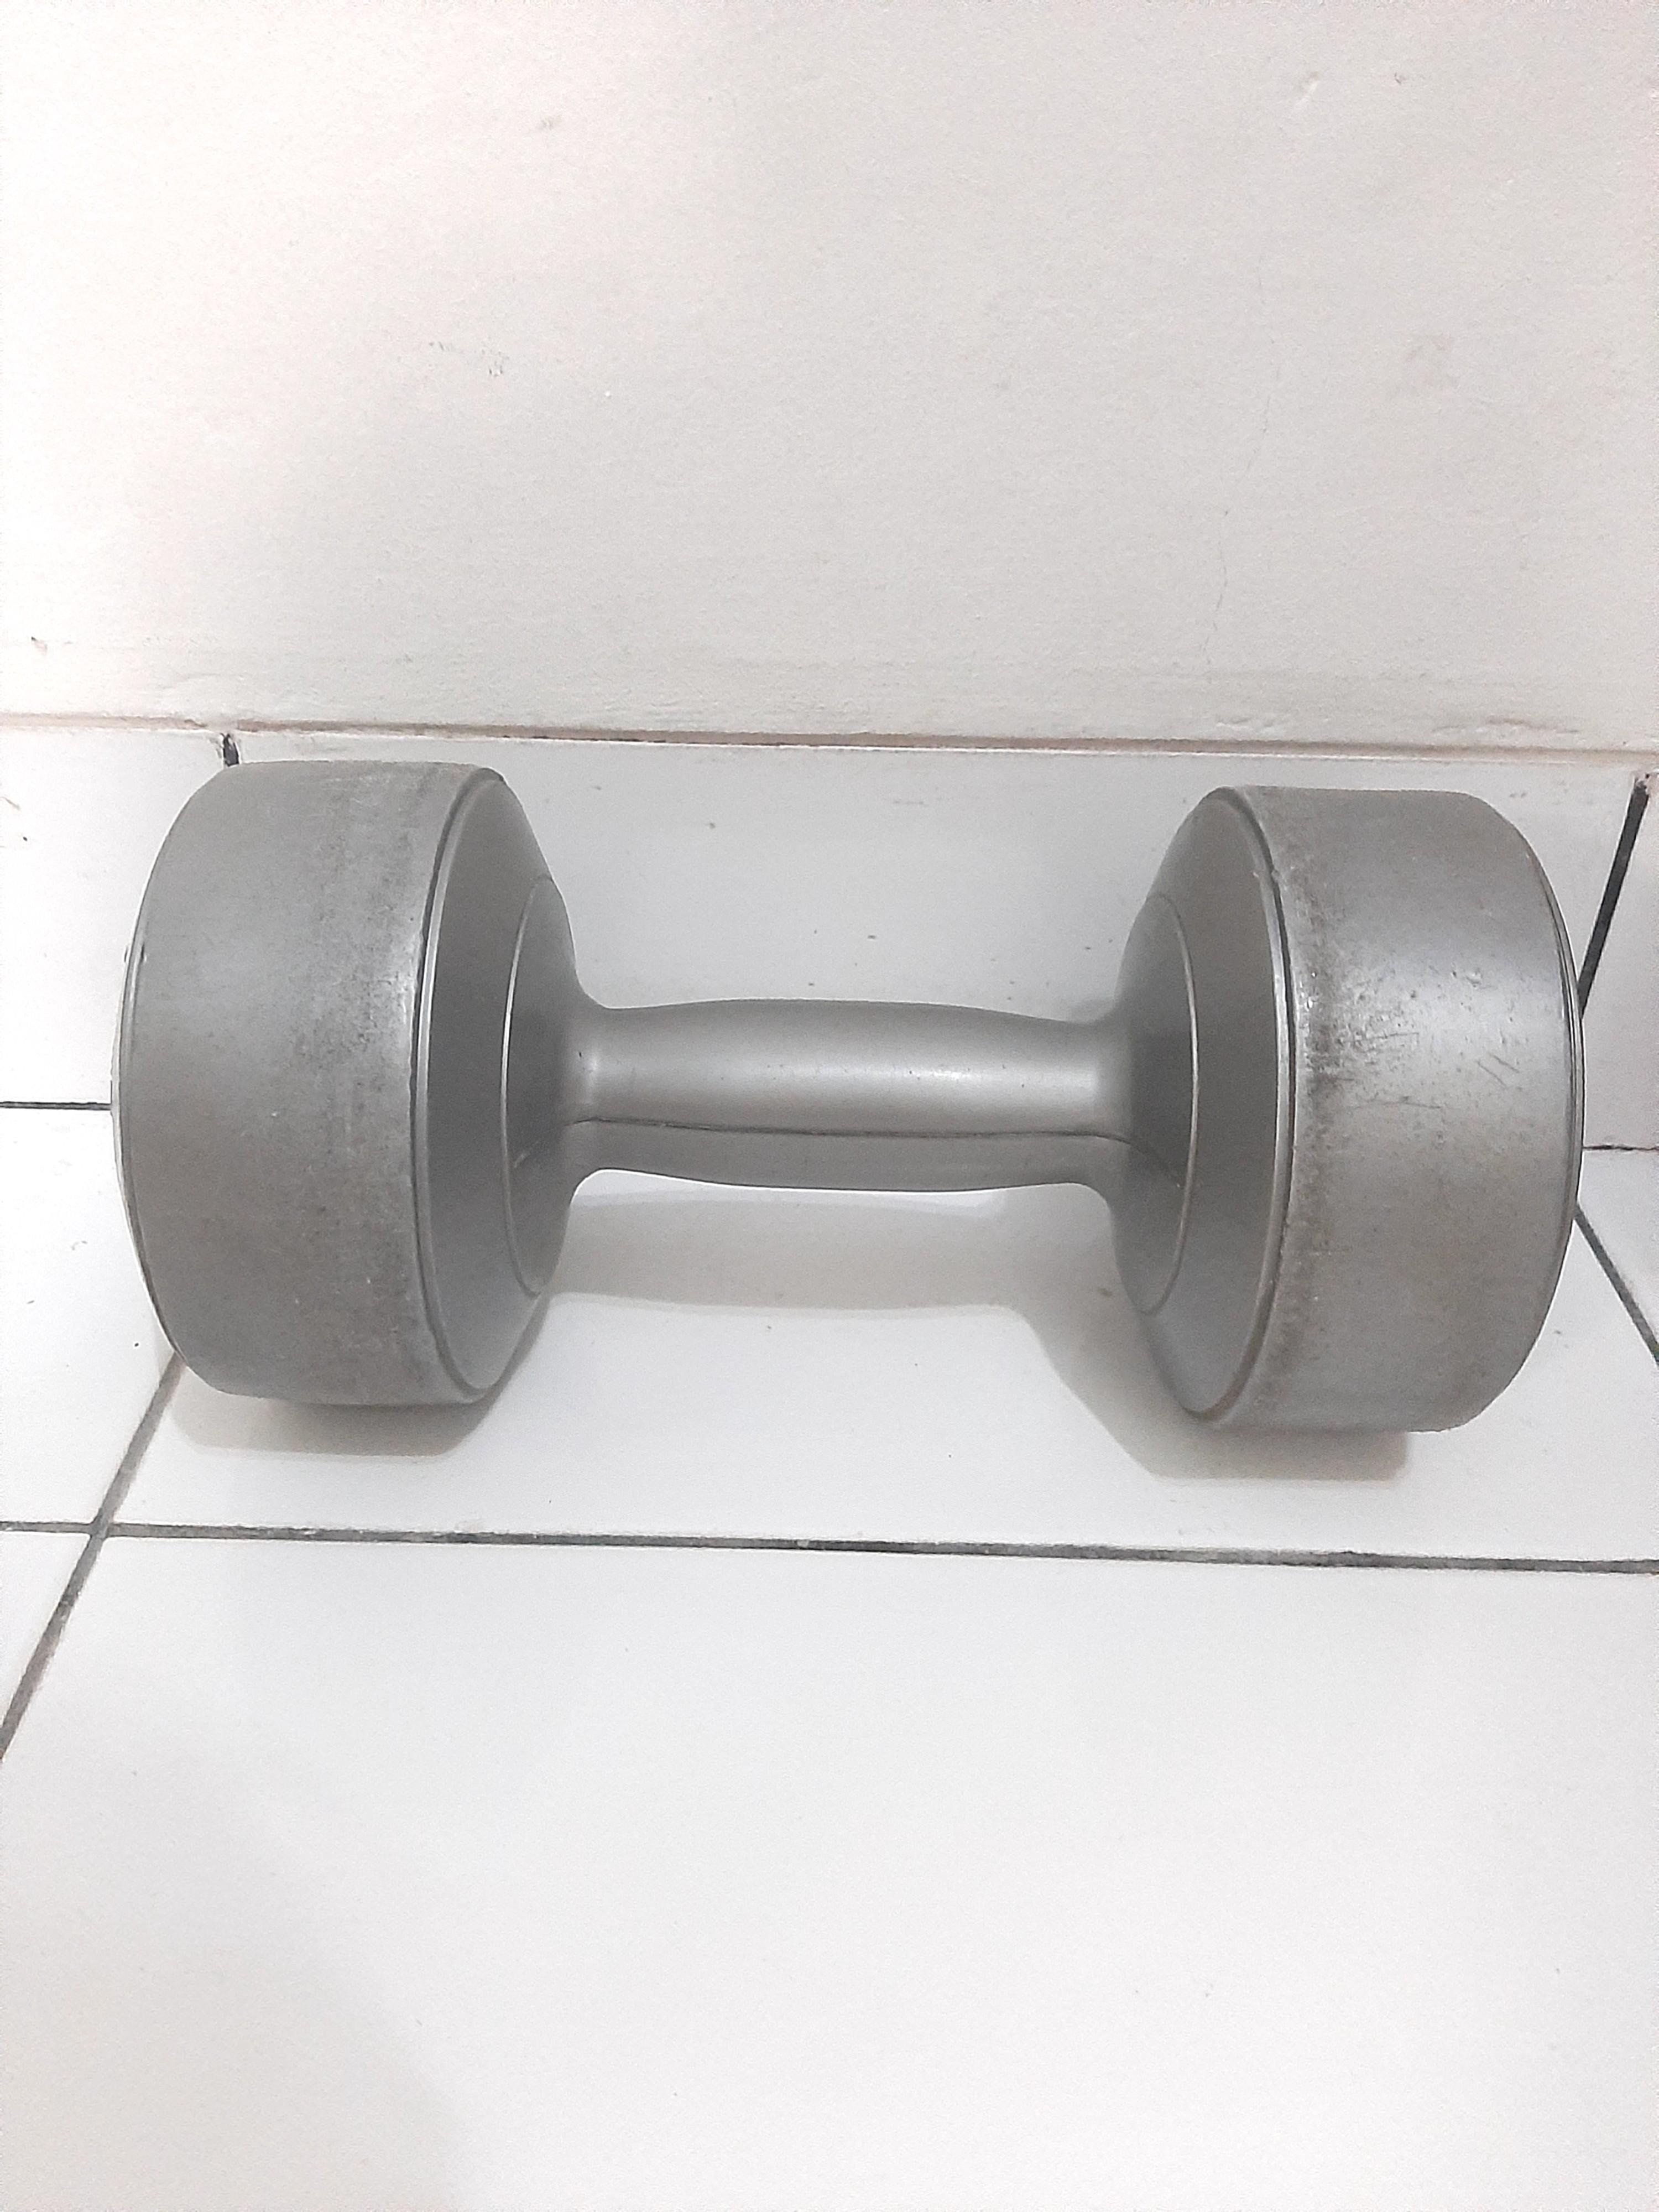 Barbel/Dumble 4kg